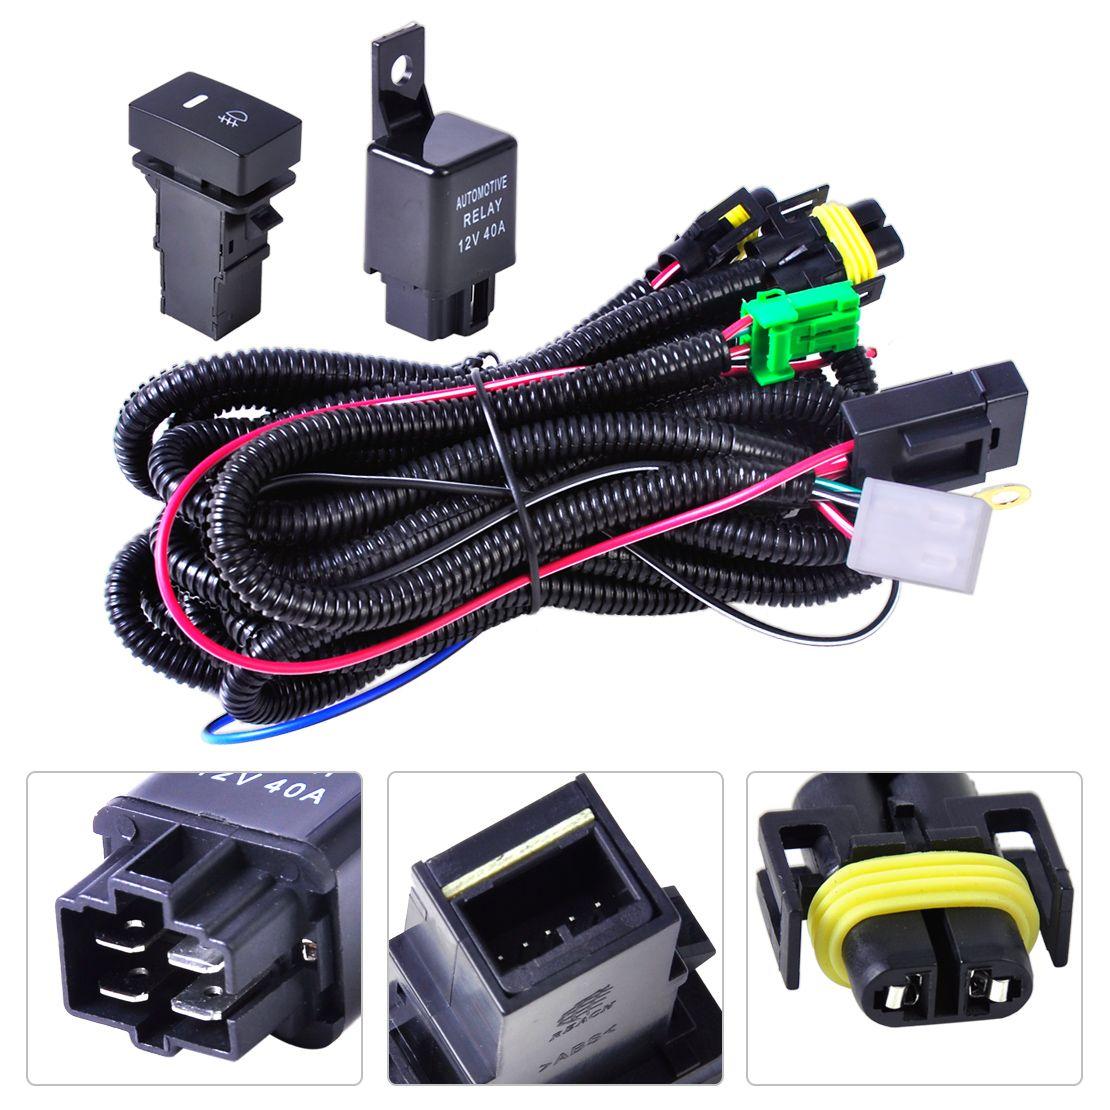 Fils + interrupteur pour faisceau de câbles DWCX pour feu anti-brouillard H11 pour Ford Focus 2008-2014 Acura TSX 11-14 Nissan Cube 2009-2015